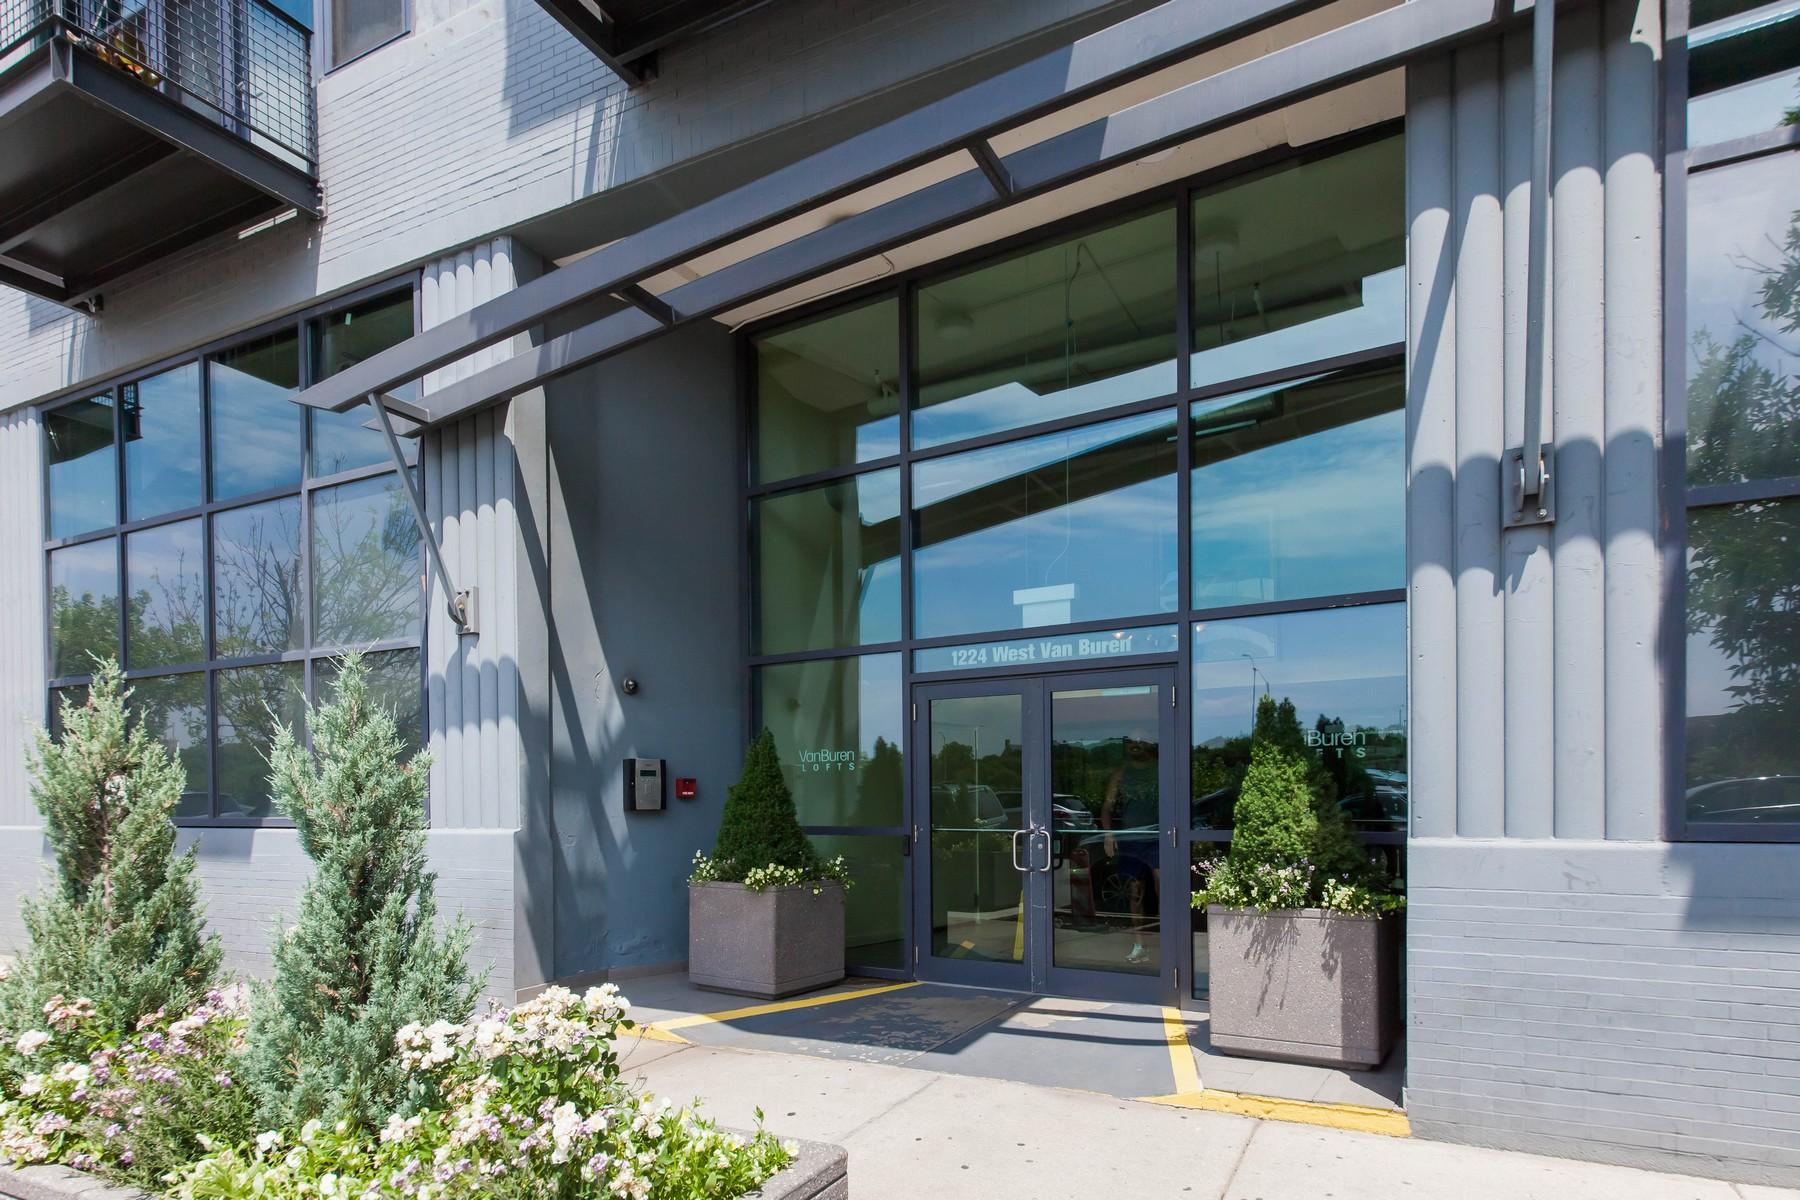 Eigentumswohnung für Verkauf beim Sunny West Loop Condo 1224 W Van Buren Street Unit 402 Near West Side, Chicago, Illinois, 60607 Vereinigte Staaten